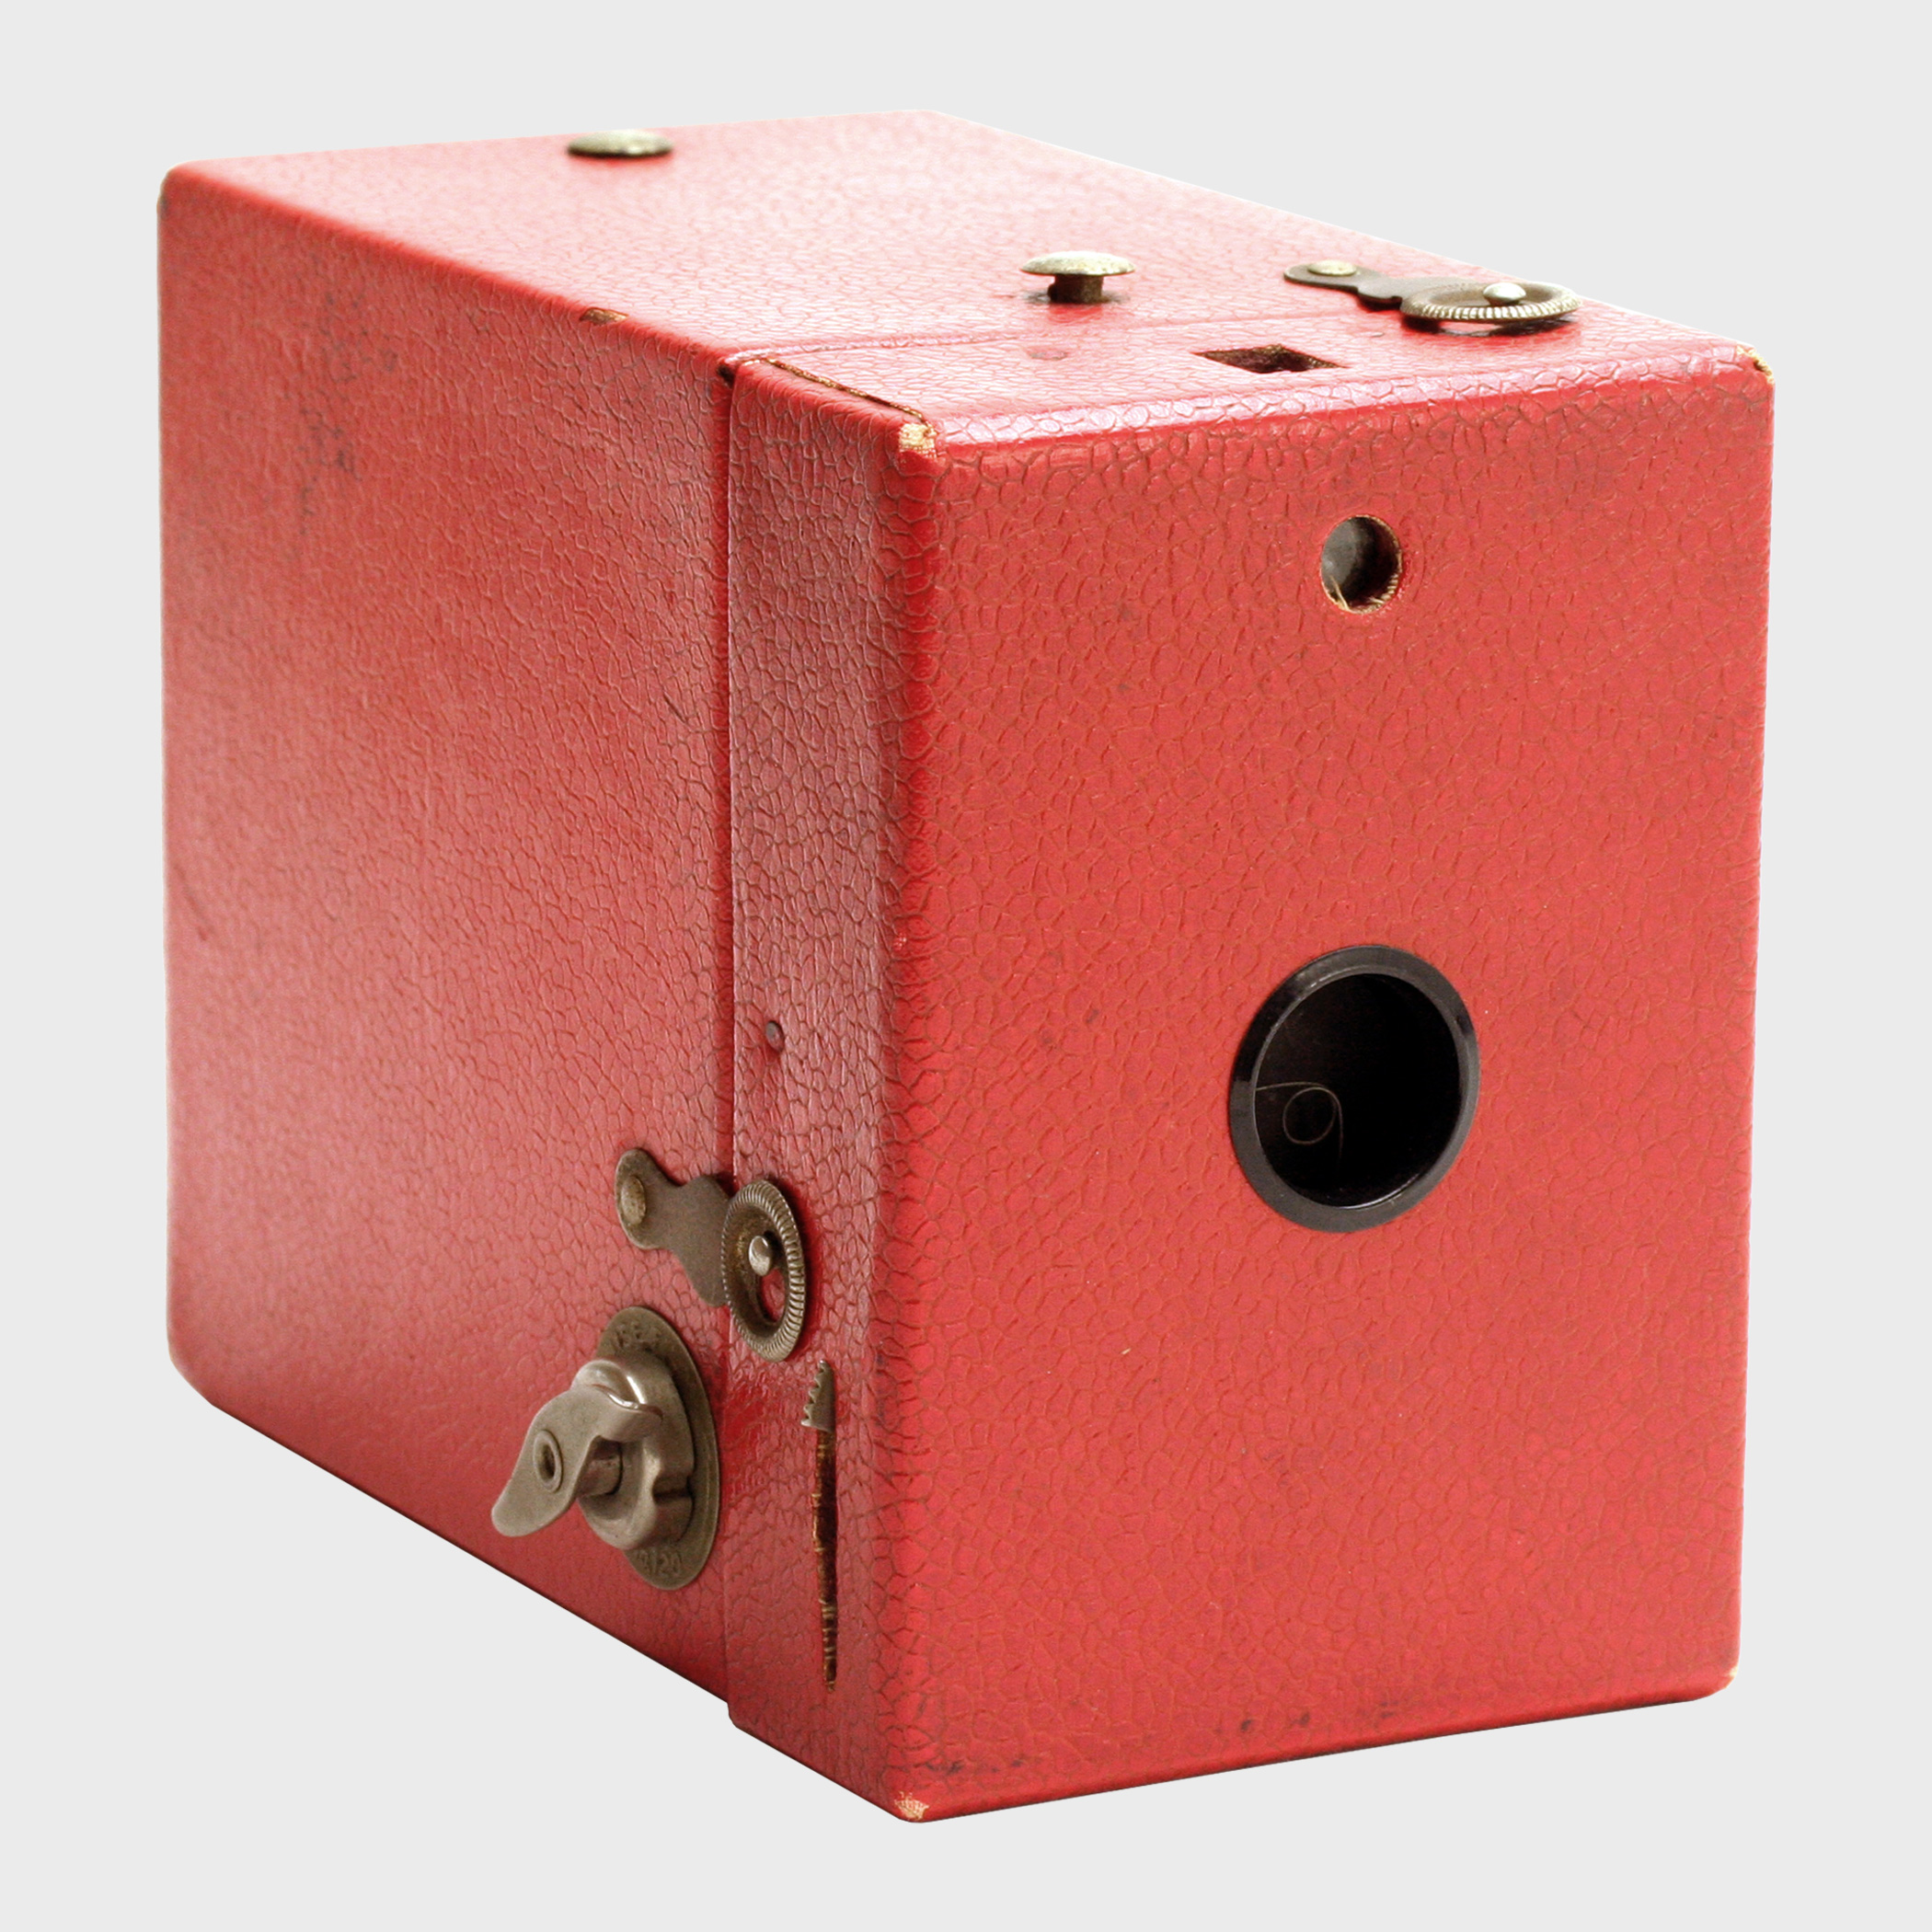 Kodak Rainbow Hawkeye No. 2 Model C - Red